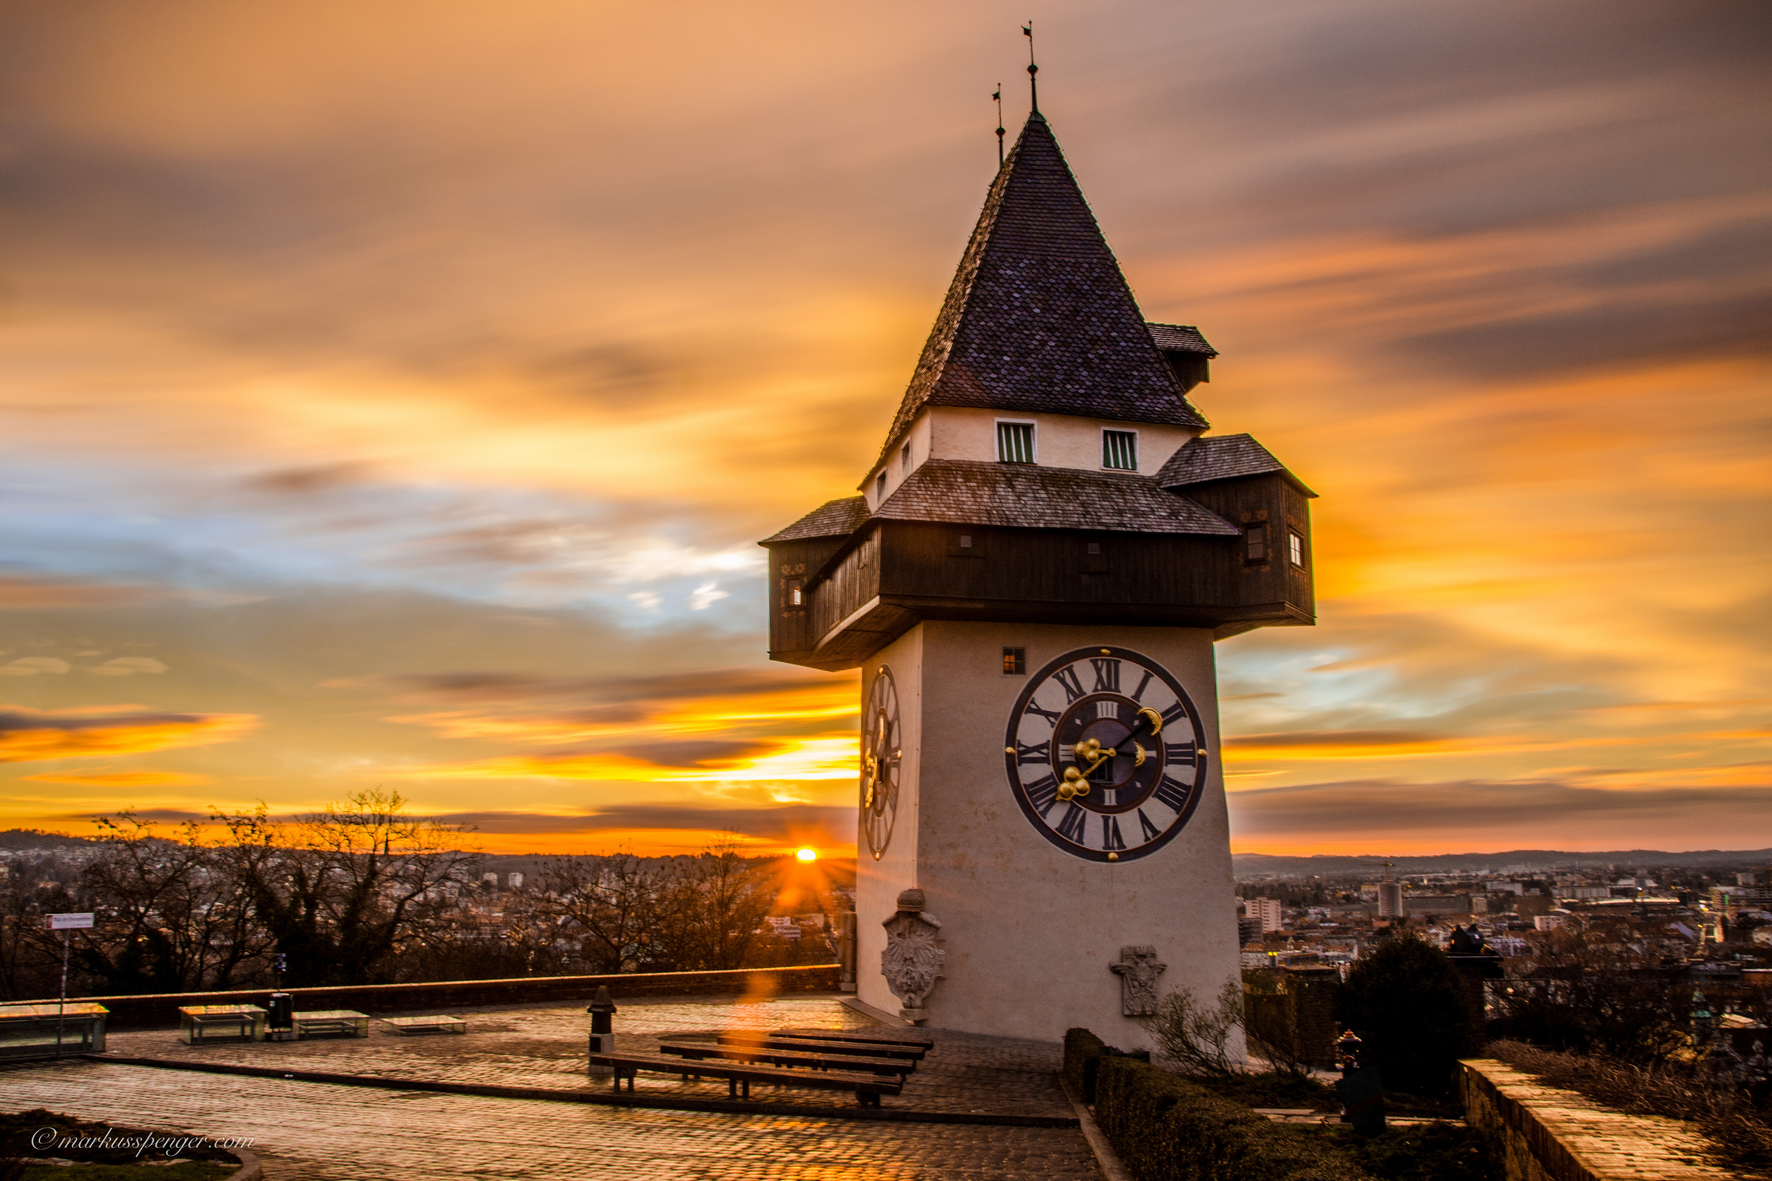 Uhrturm (c) Graz Tourismus - Markus Spenger